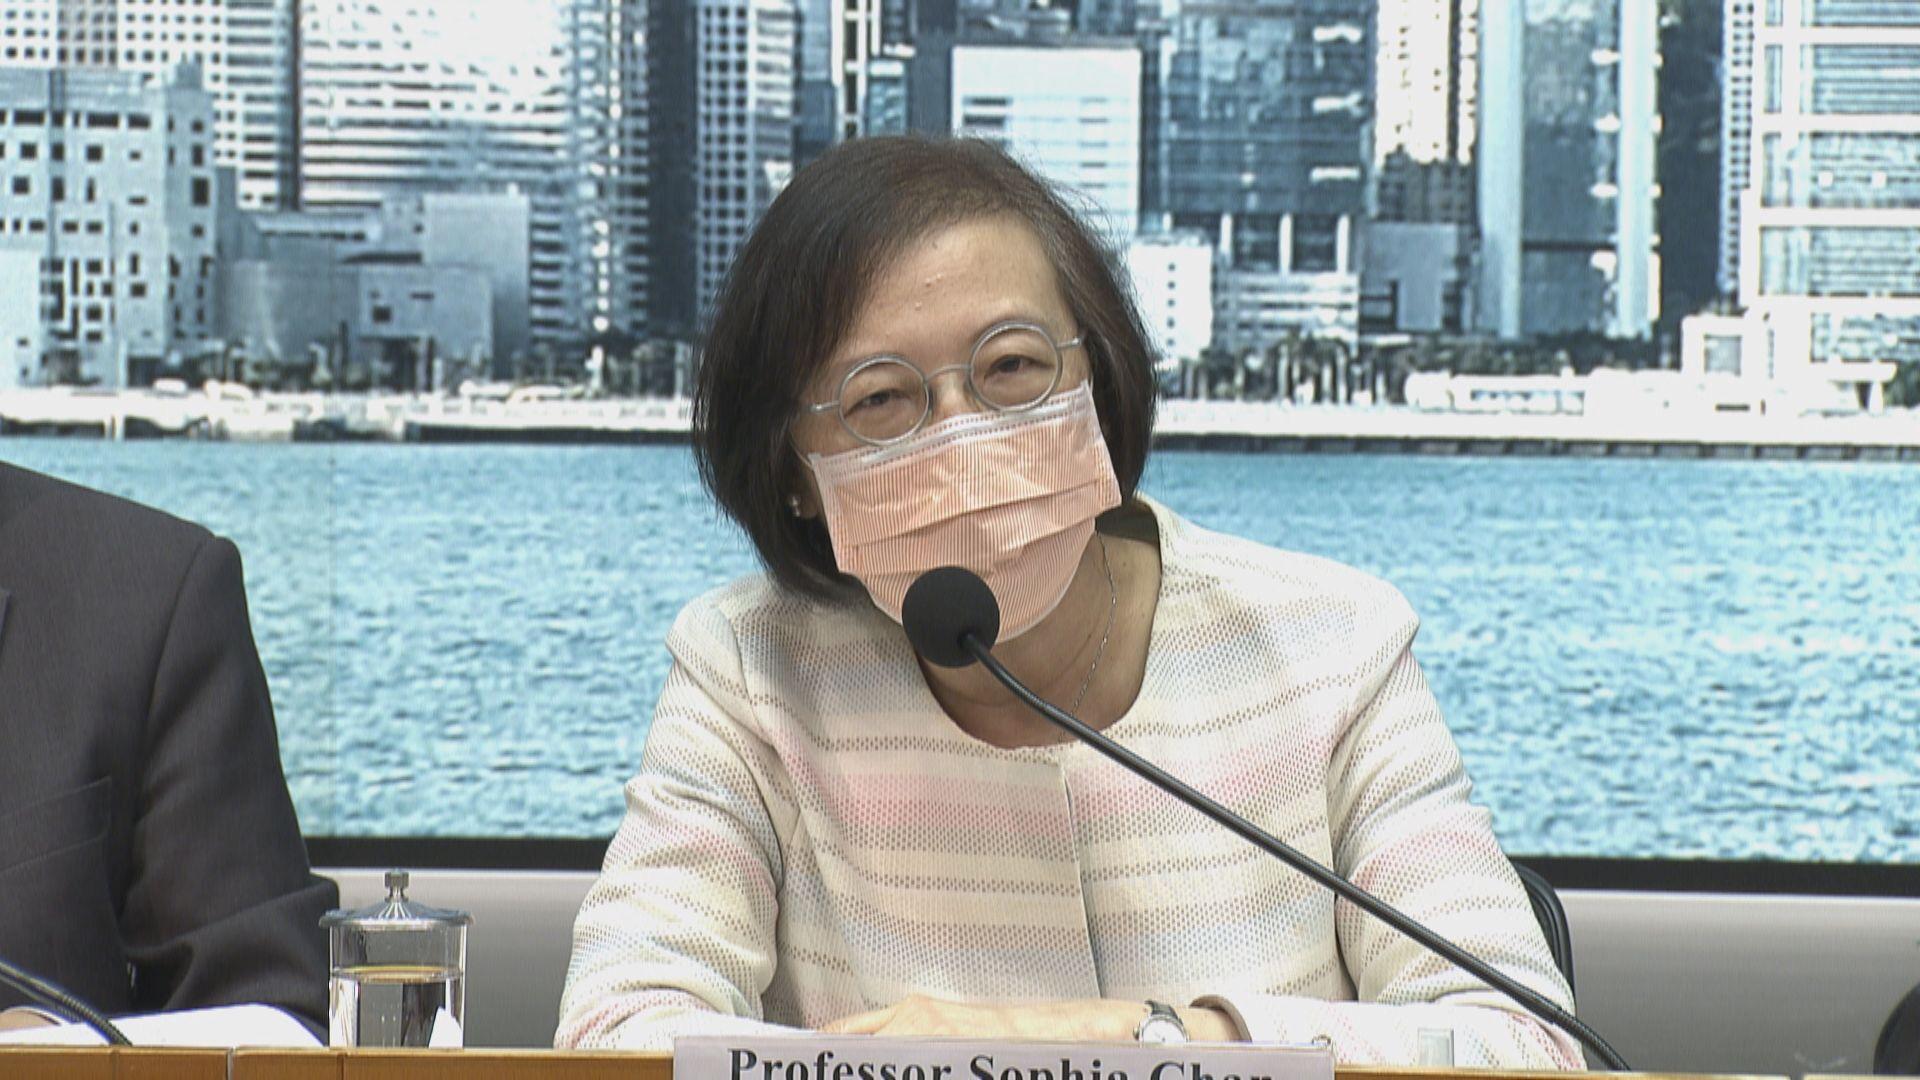 陳肇始:收緊防疫措施帶來不便 望市民咬緊牙關度過